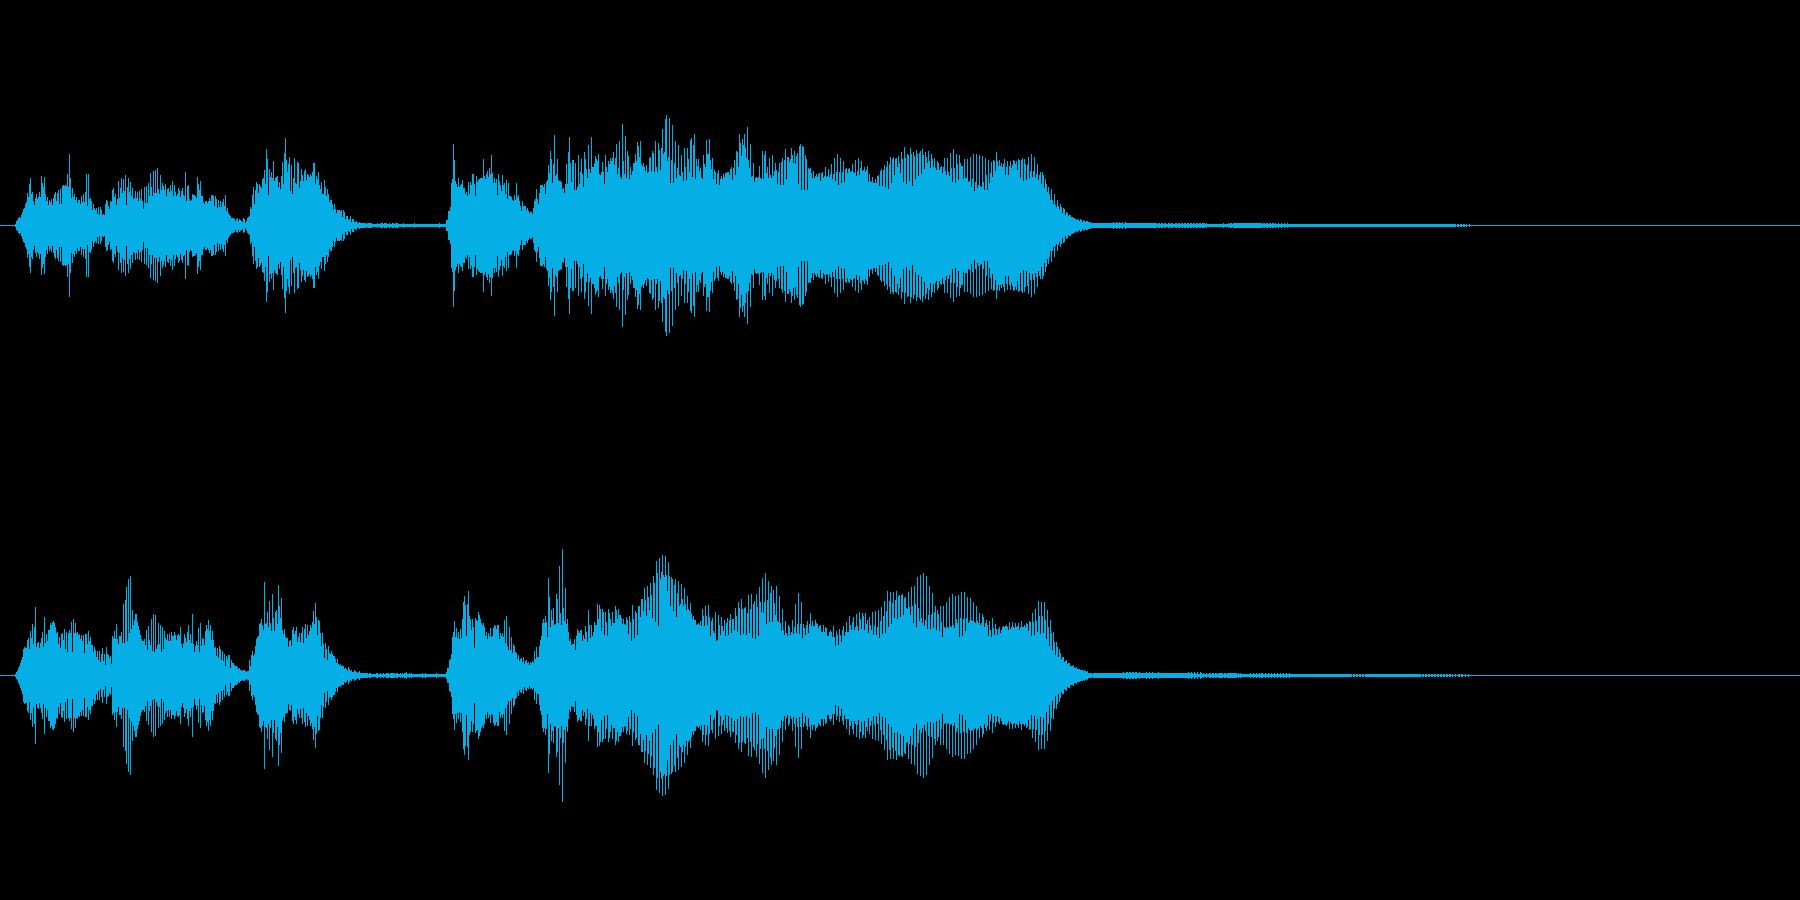 玩具系ファンファーレ-01の再生済みの波形